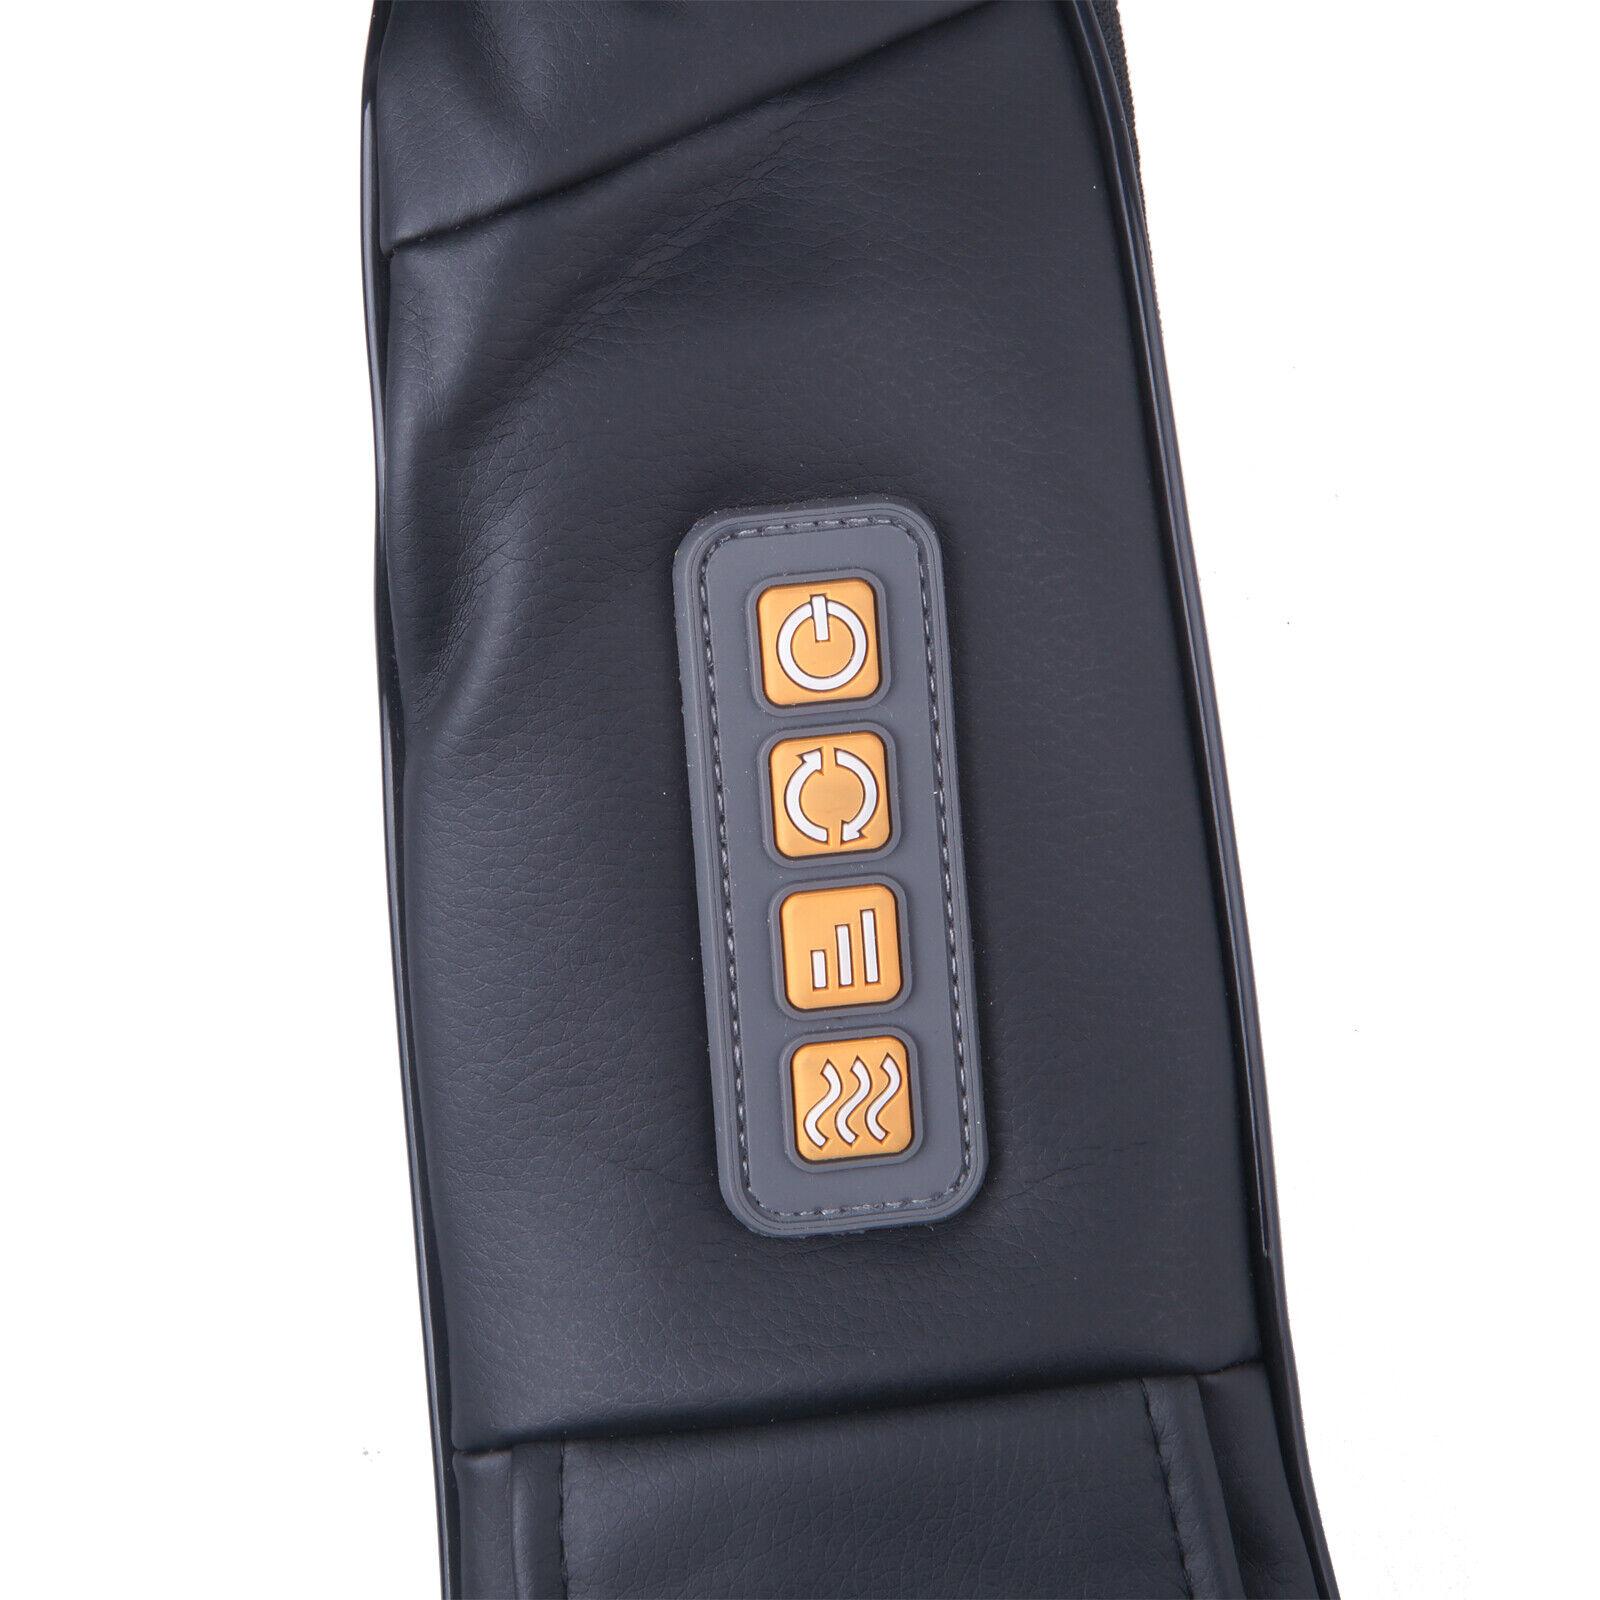 Массажеры для тела Массажист с тепловыми функциями шеи шеи на спине (Фото 2)